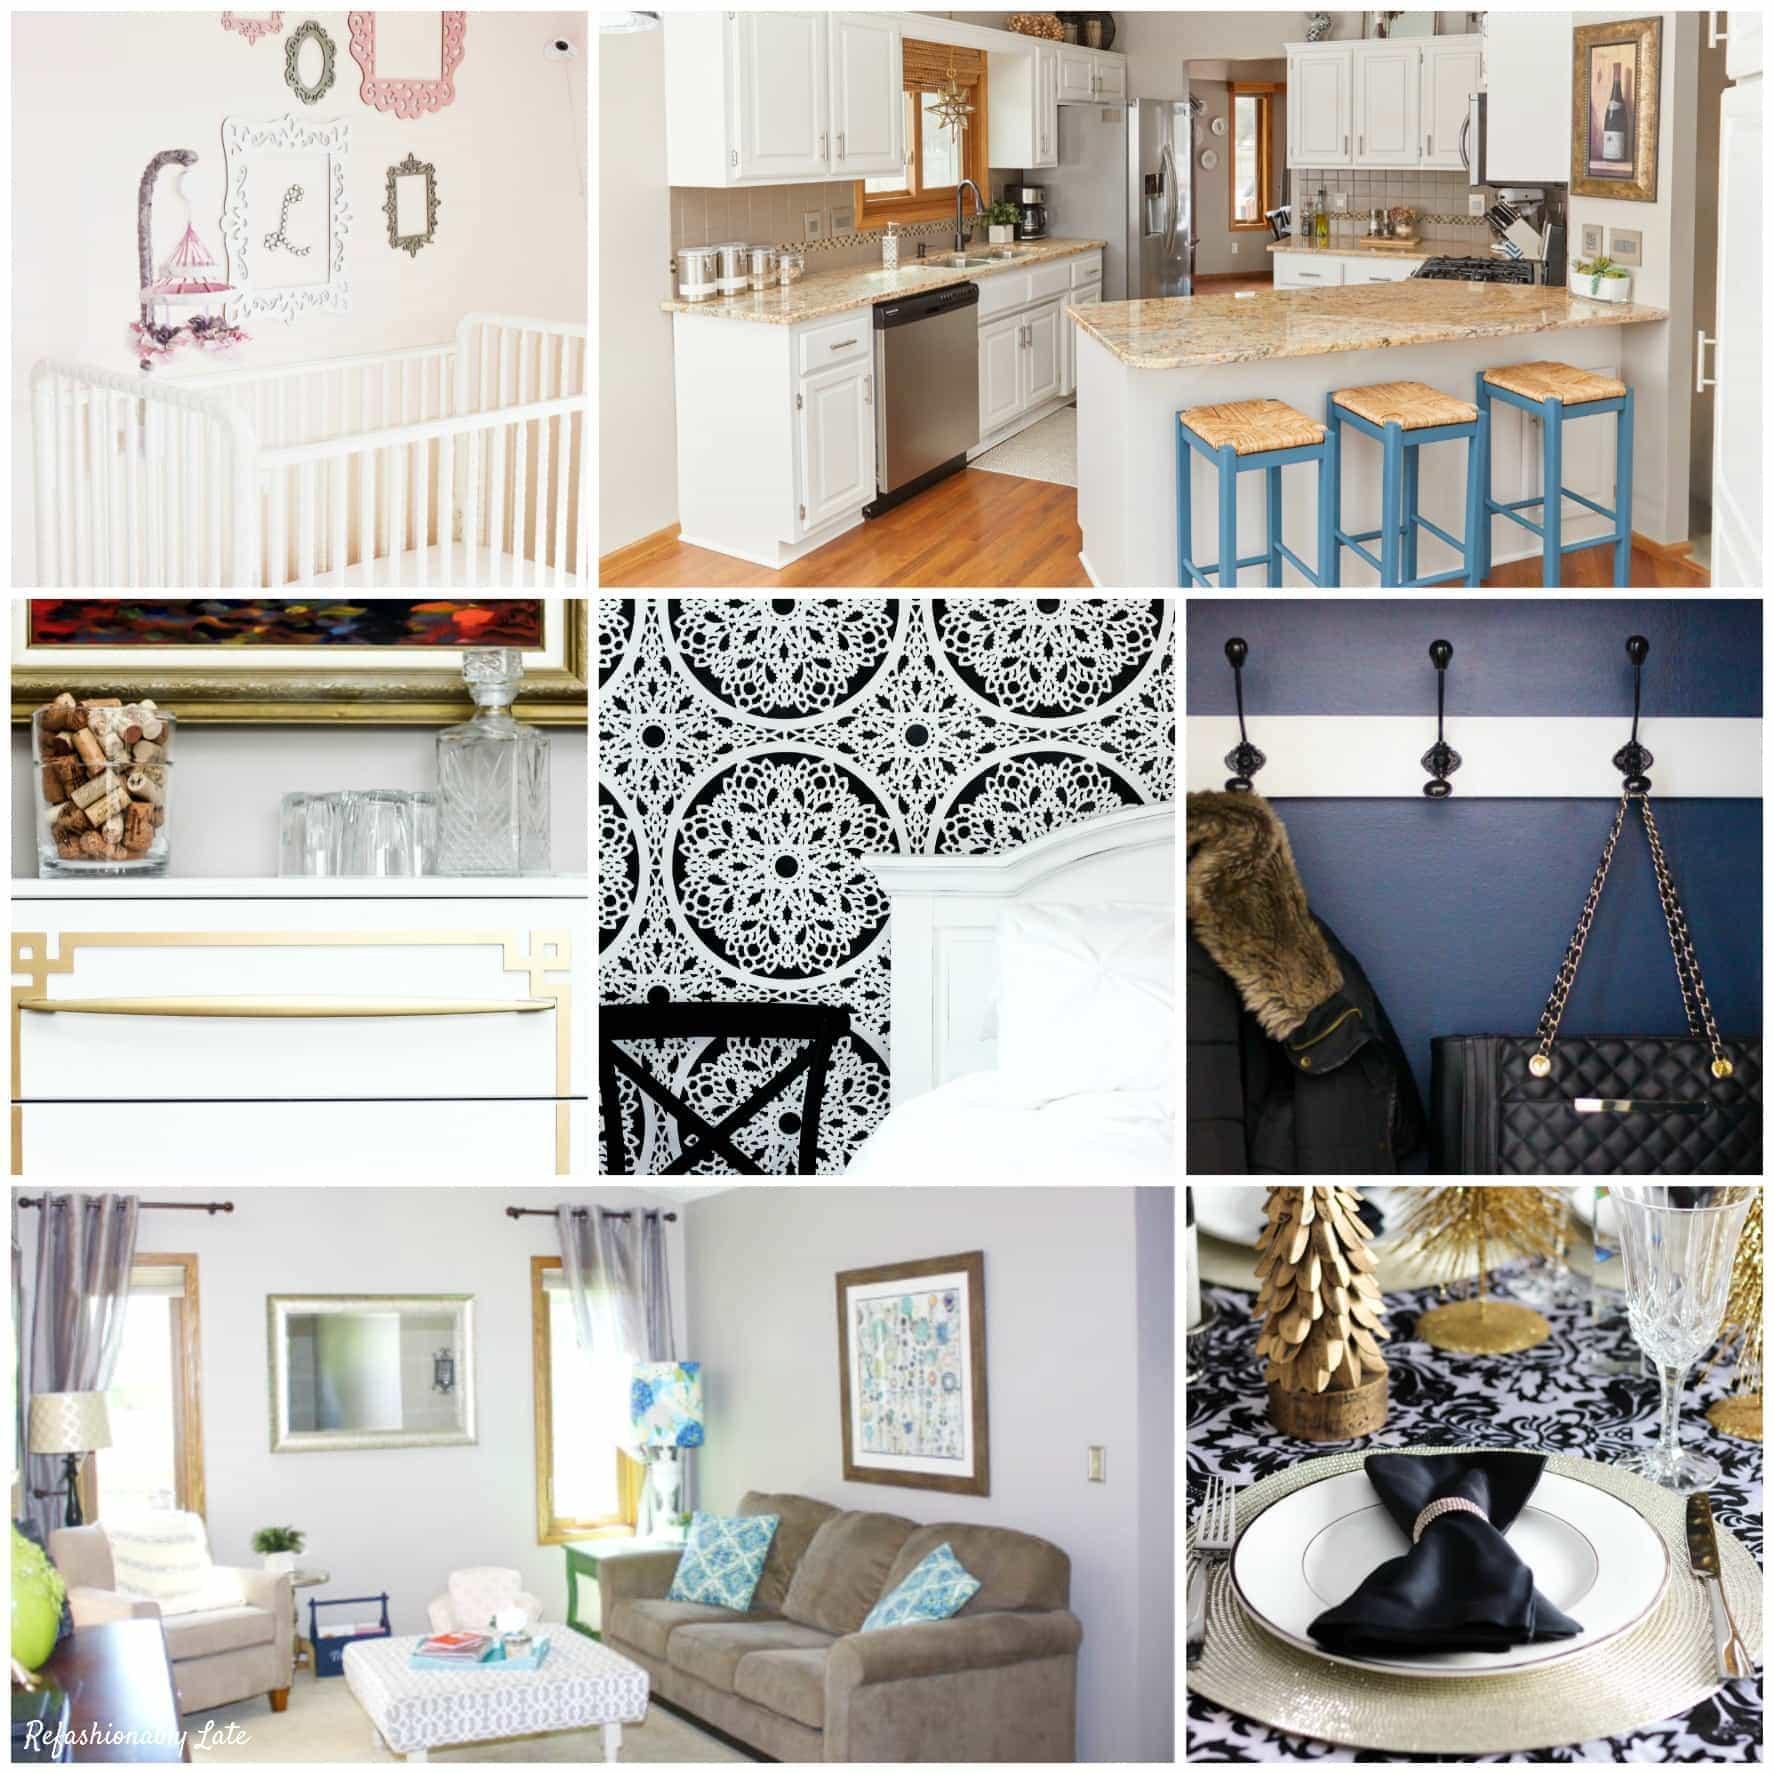 My Personal Style - www.refashionablylate.com